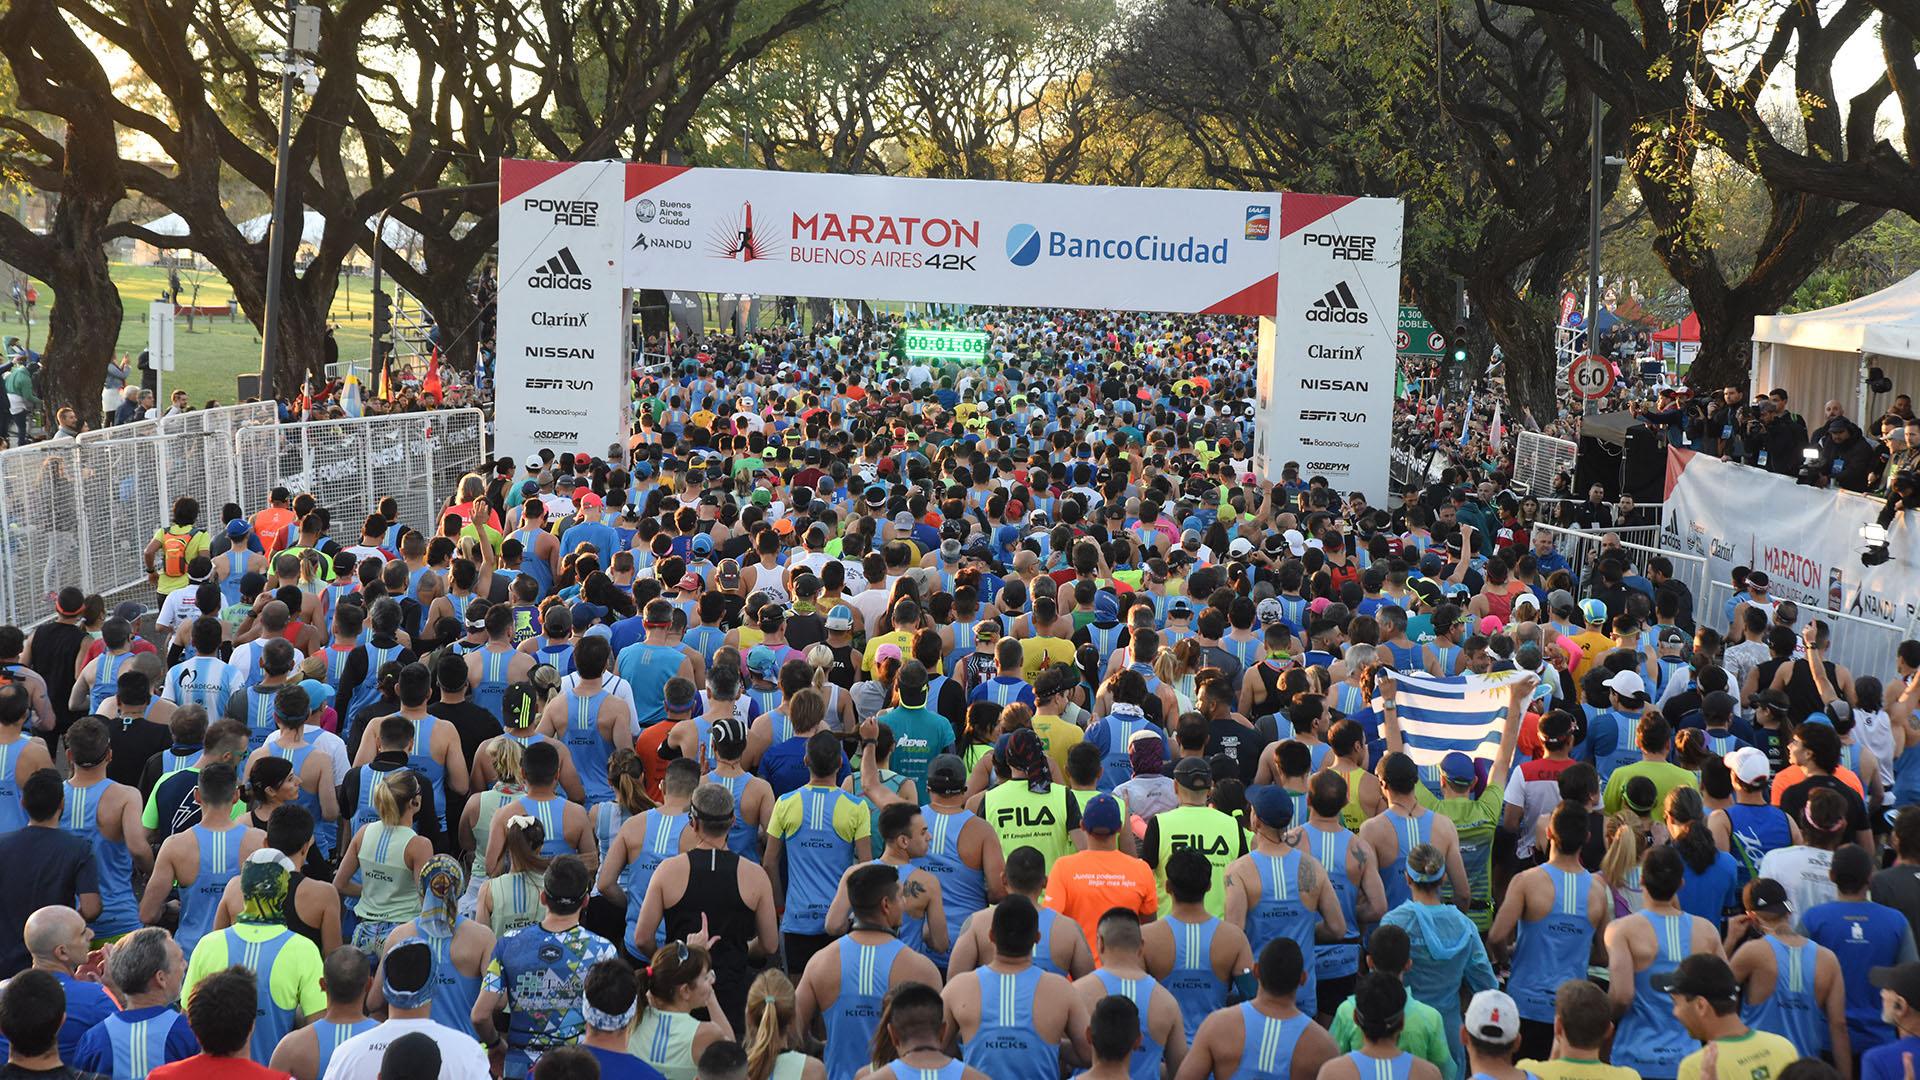 La maratón de Buenos Aires fue una verdadera fiesta durante el domingo por la mañana